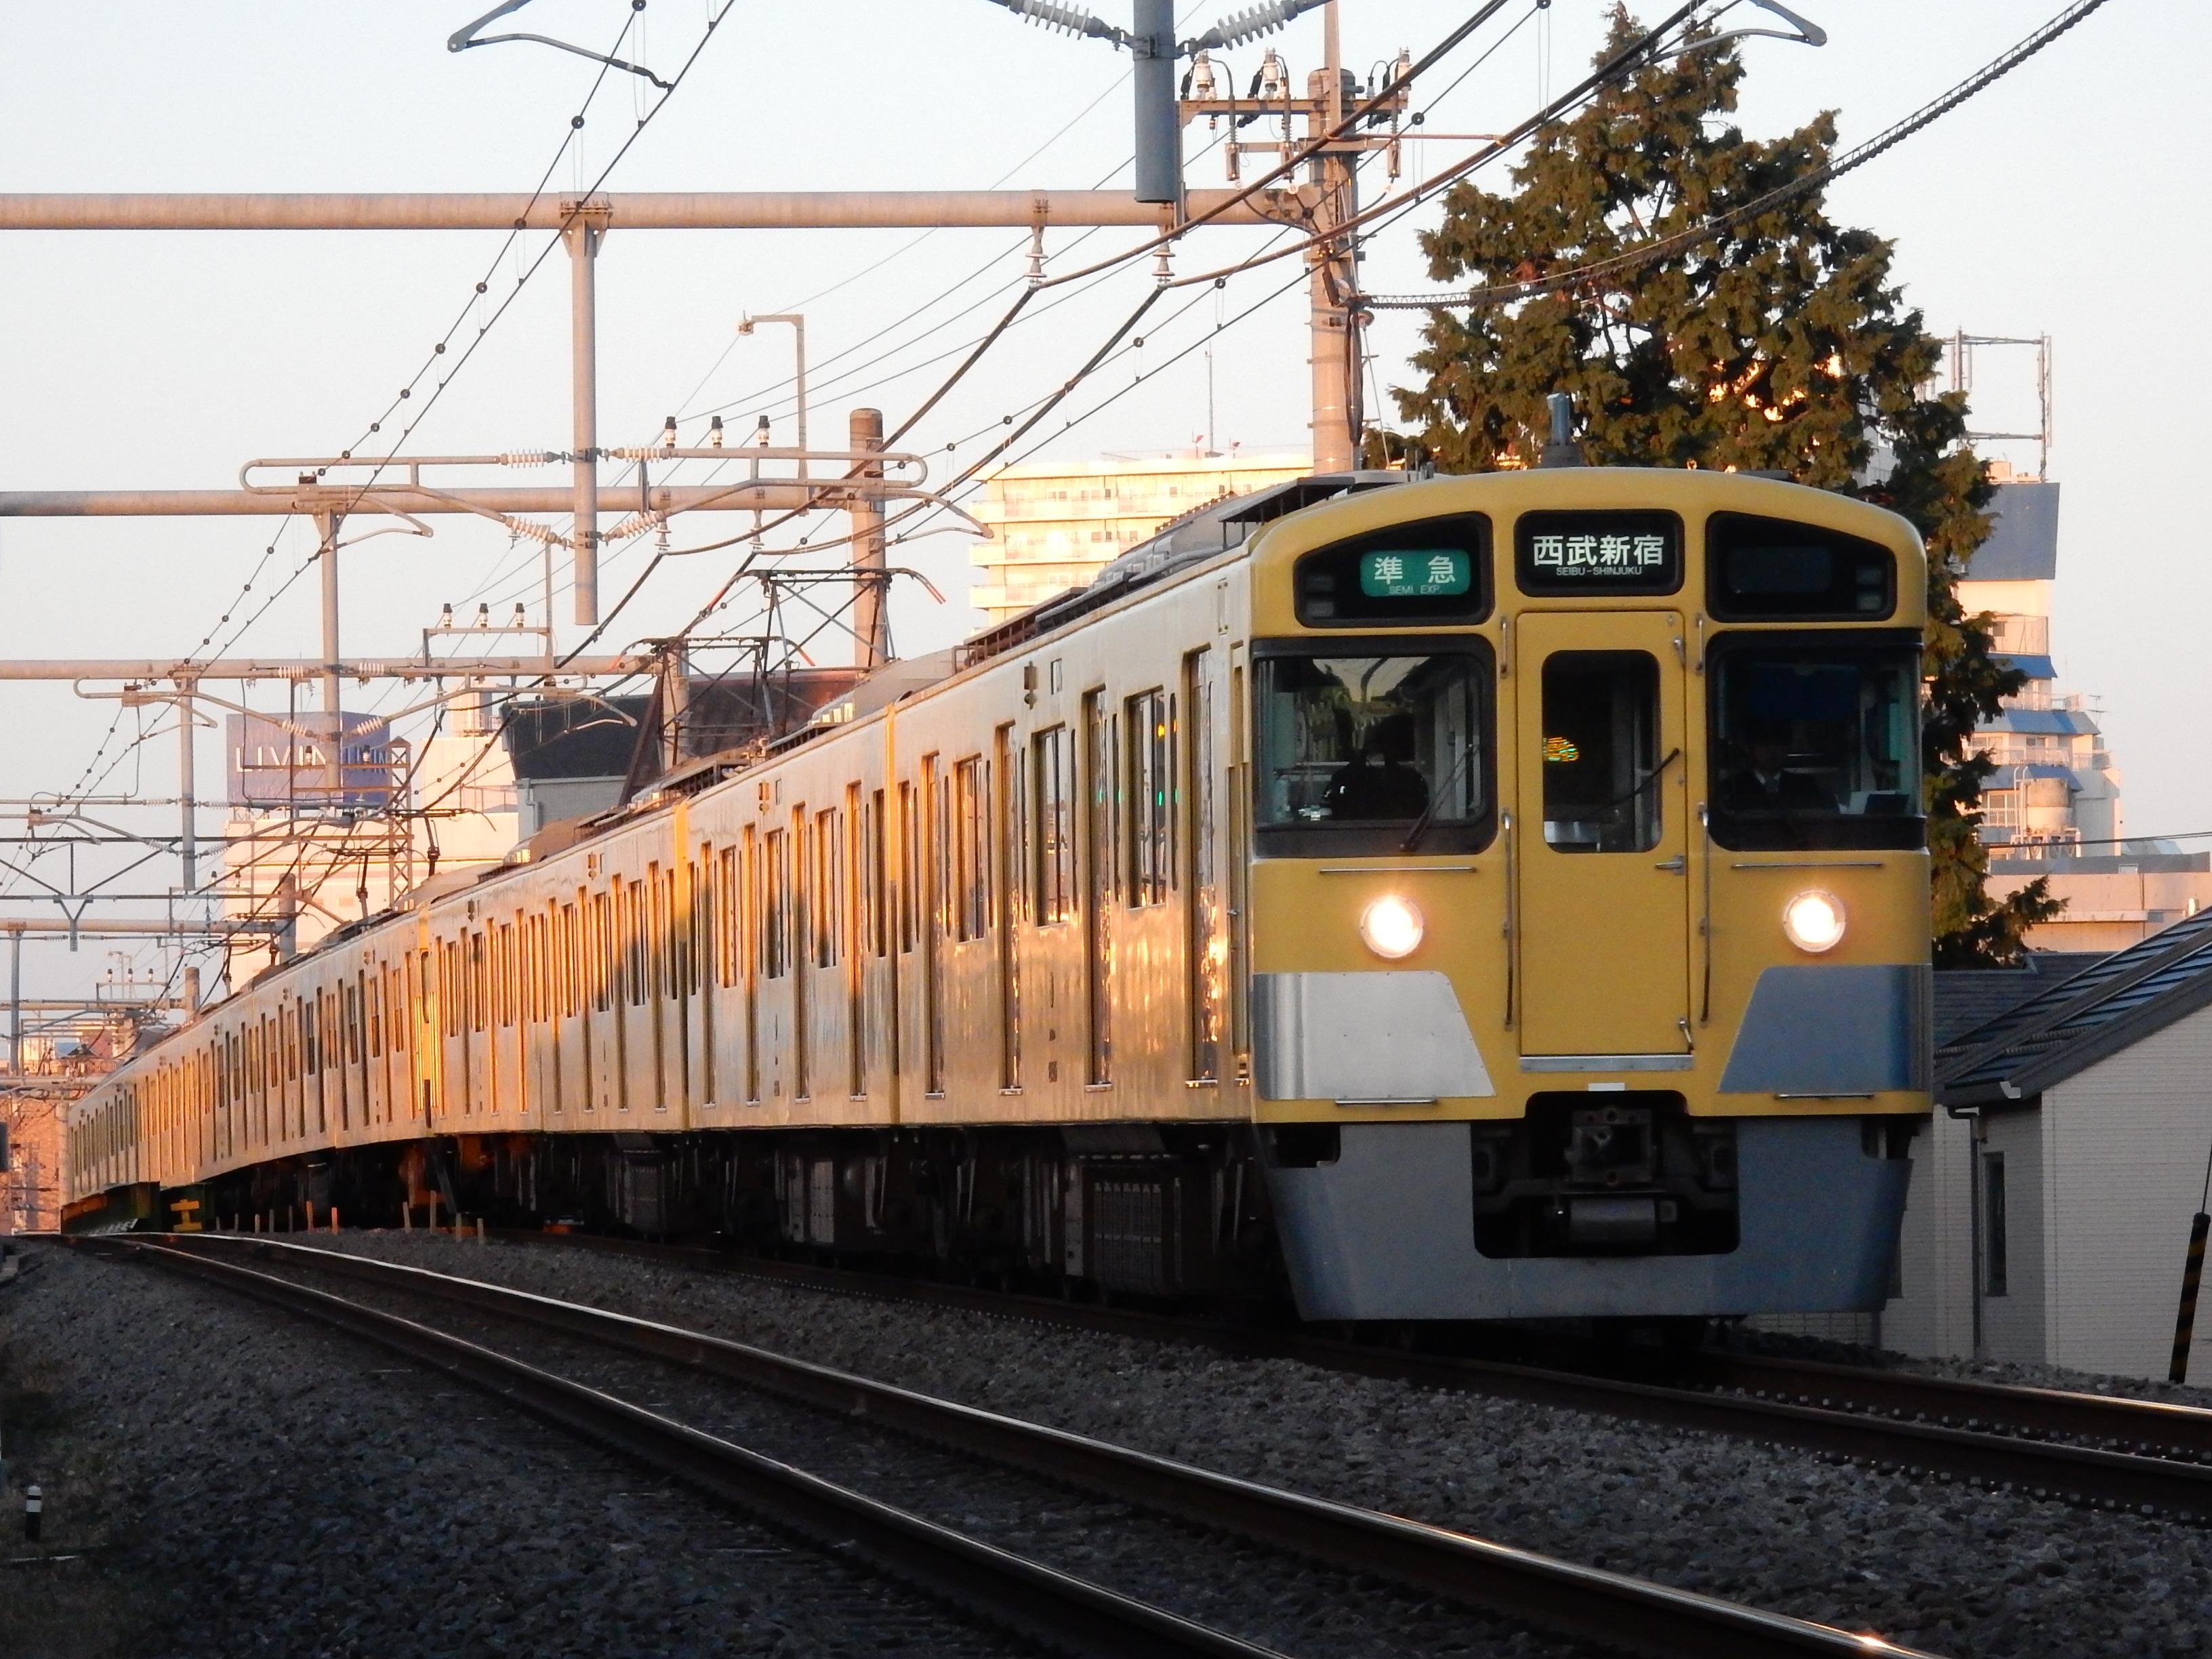 DSCN9492.jpg